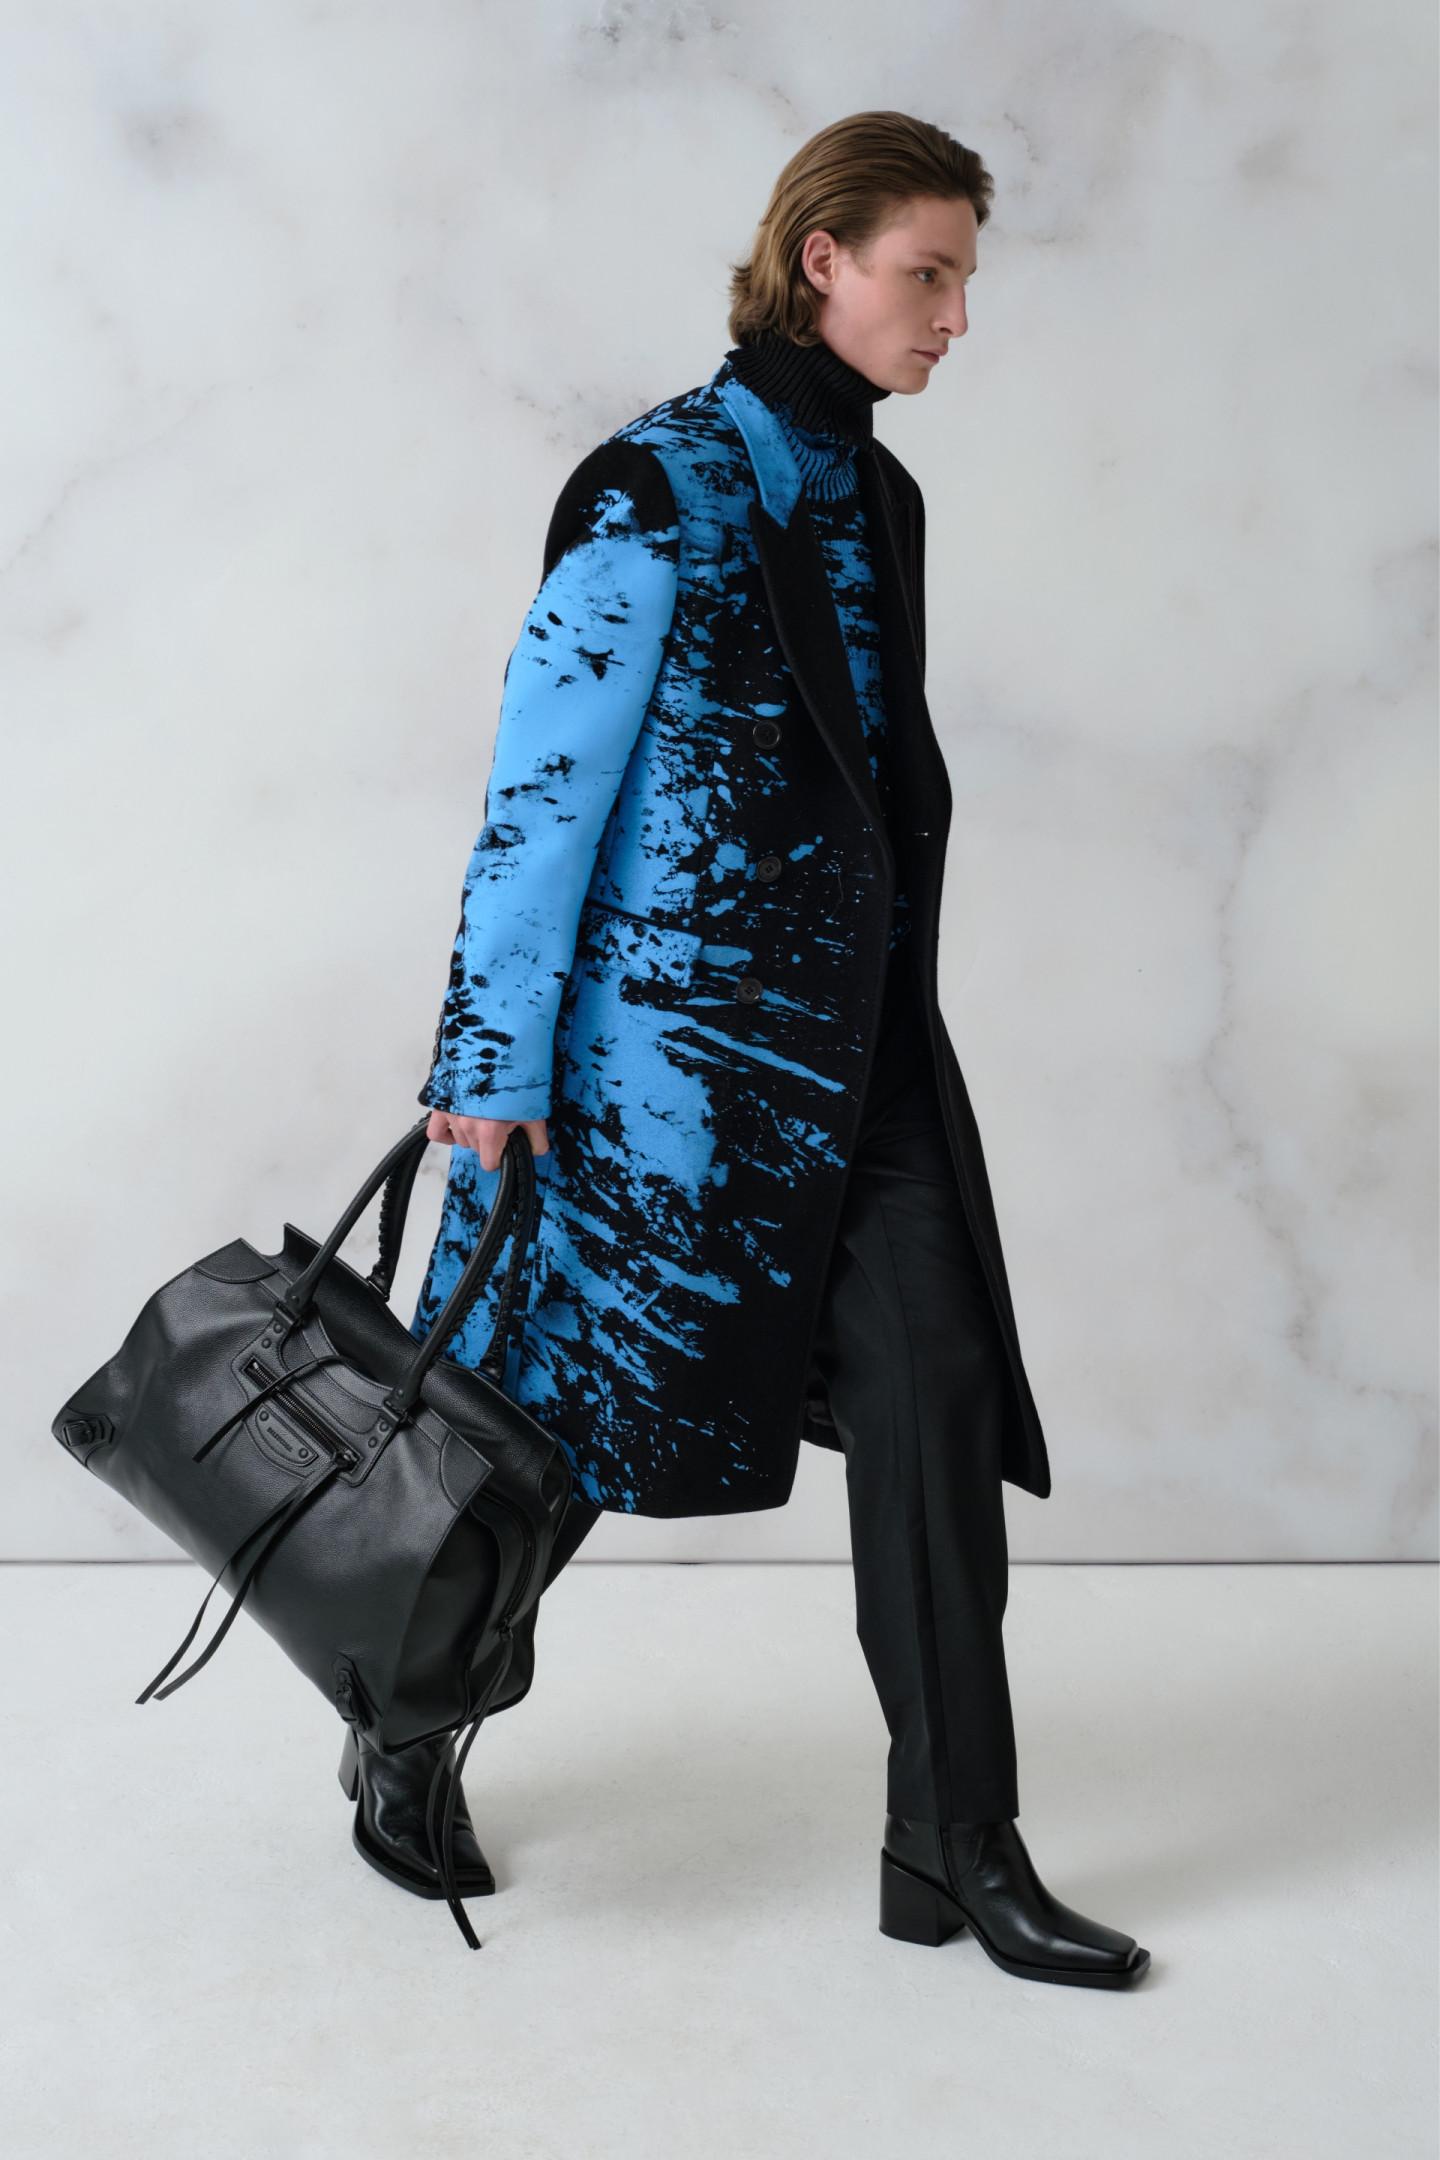 Пальто (312 500 руб.), свитер (113 000 руб.)— все Vetements, брюки Acne Studios (26800 руб.), дорожная сумка Neo Classic (181 500 руб.), сапоги Cut (86 950 руб.)— все Balenciaga